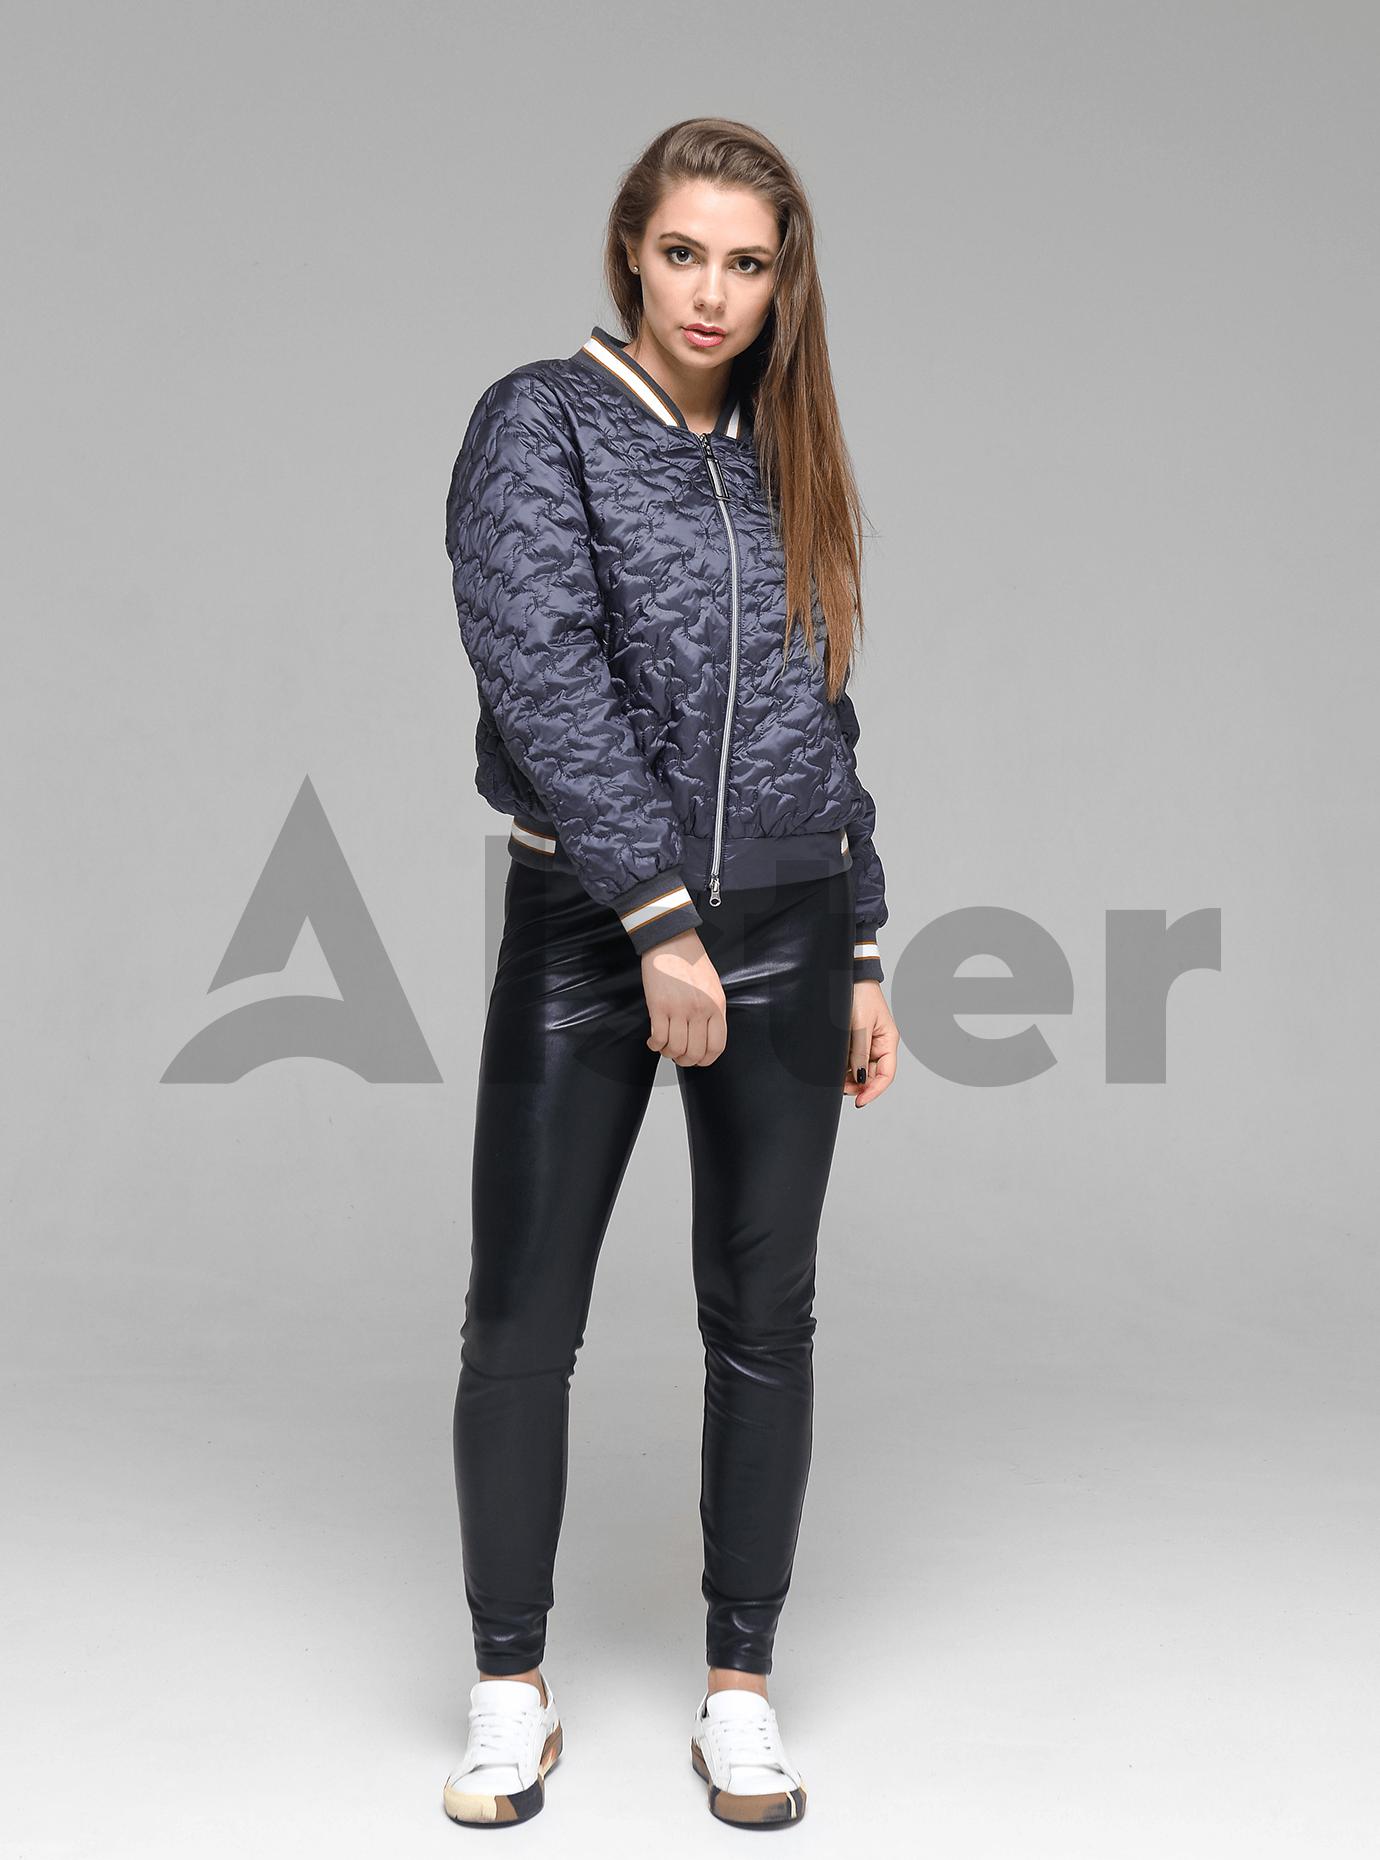 Куртка демисезонная женская Кофейный S (02-D190112): фото - Alster.ua